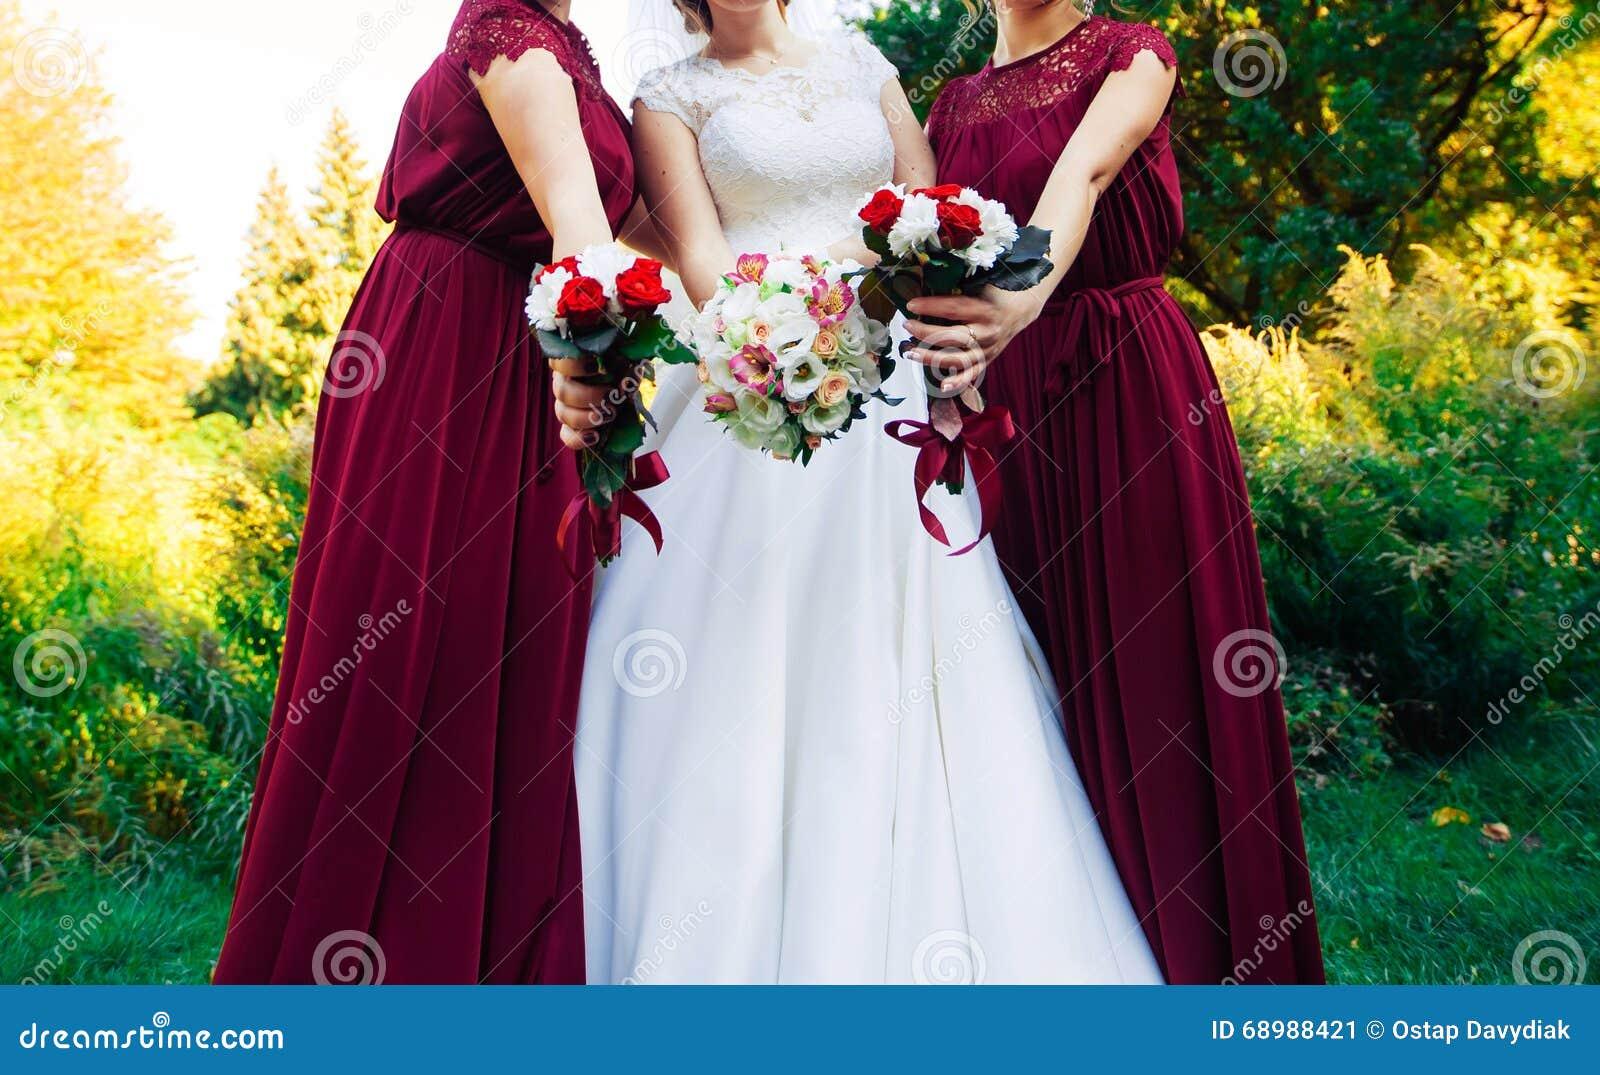 Hochzeitsblumenstrauß einer Braut und der Brautjungfer zwei